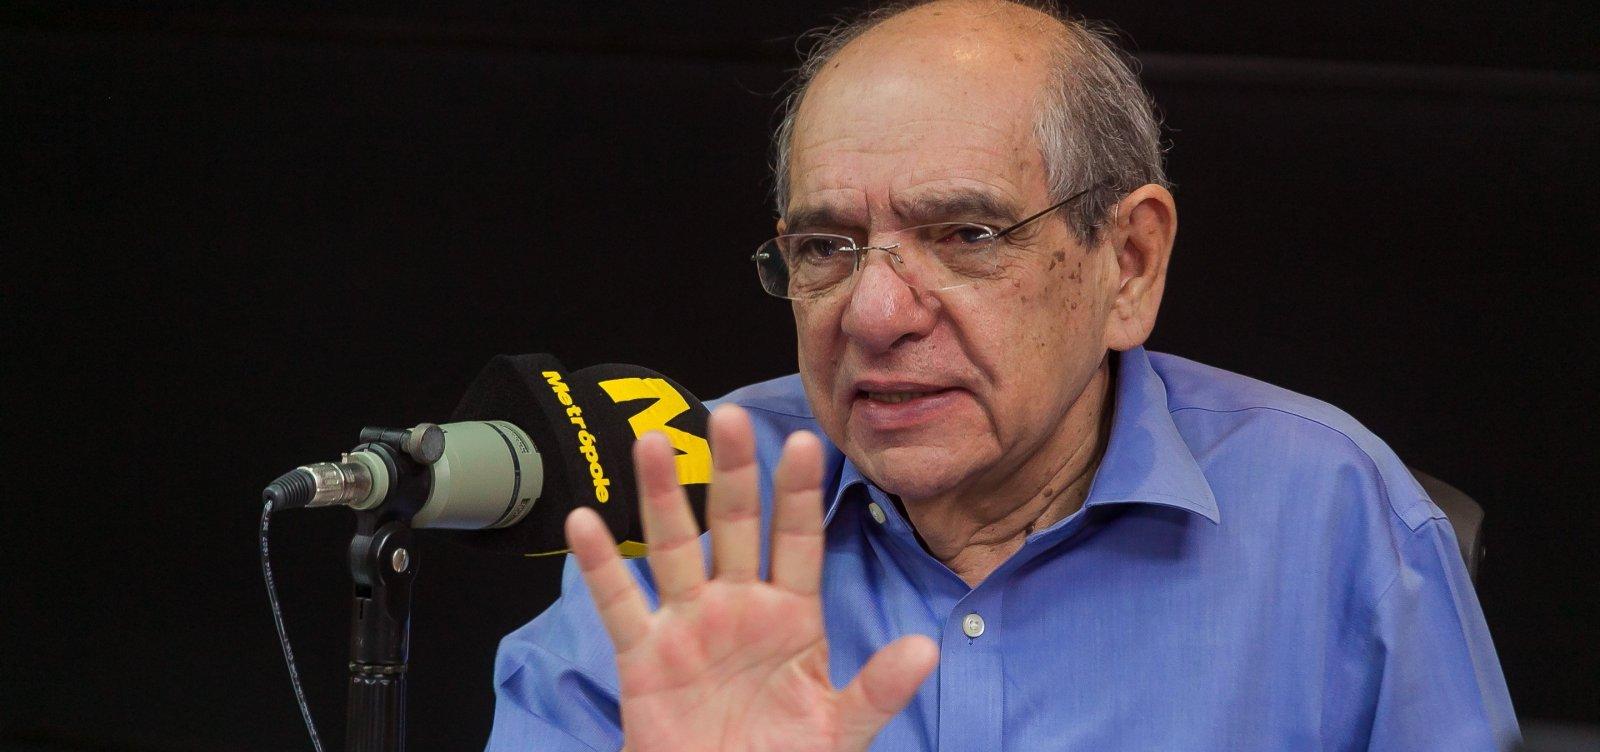 [Após embate do PSL baiano com Bolsonaro, MK questiona: 'A que nível estamos chegando?'; ouça]